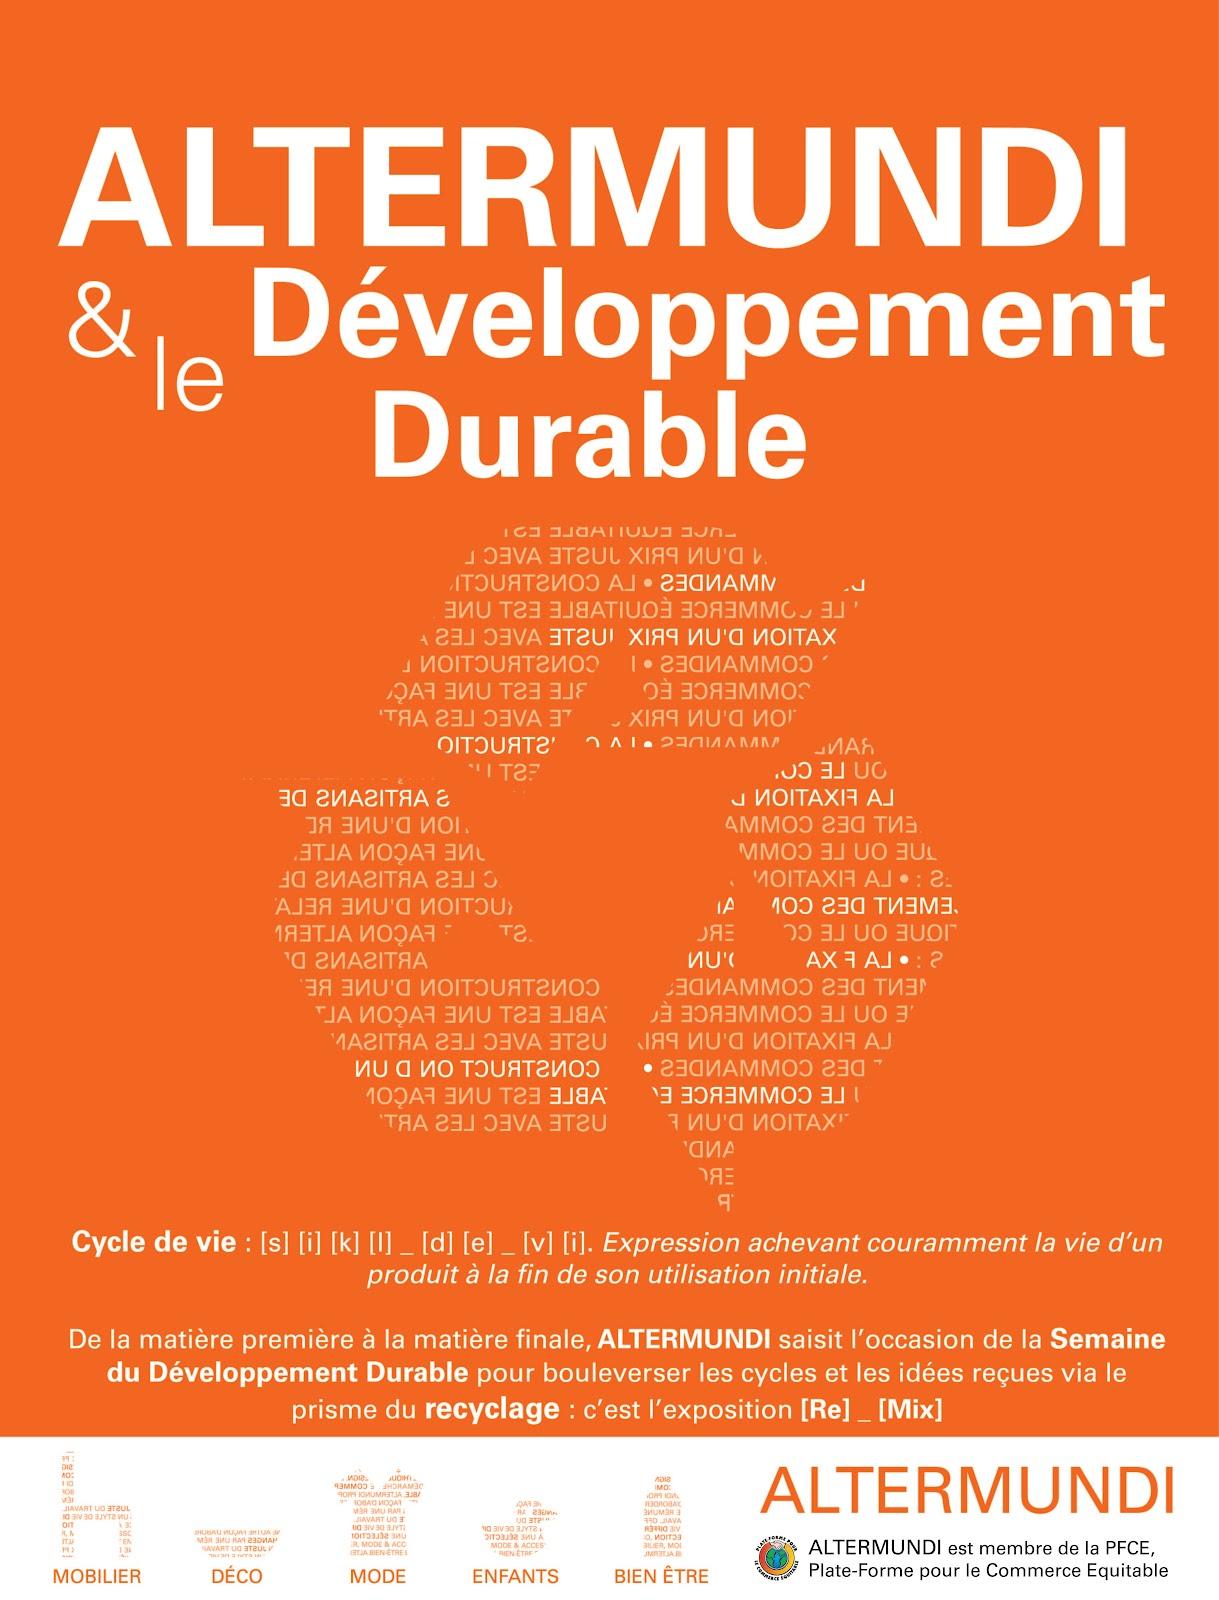 Altermundi donne du SENS aux produits et de l ETHIQUE au design 4a59bededaa